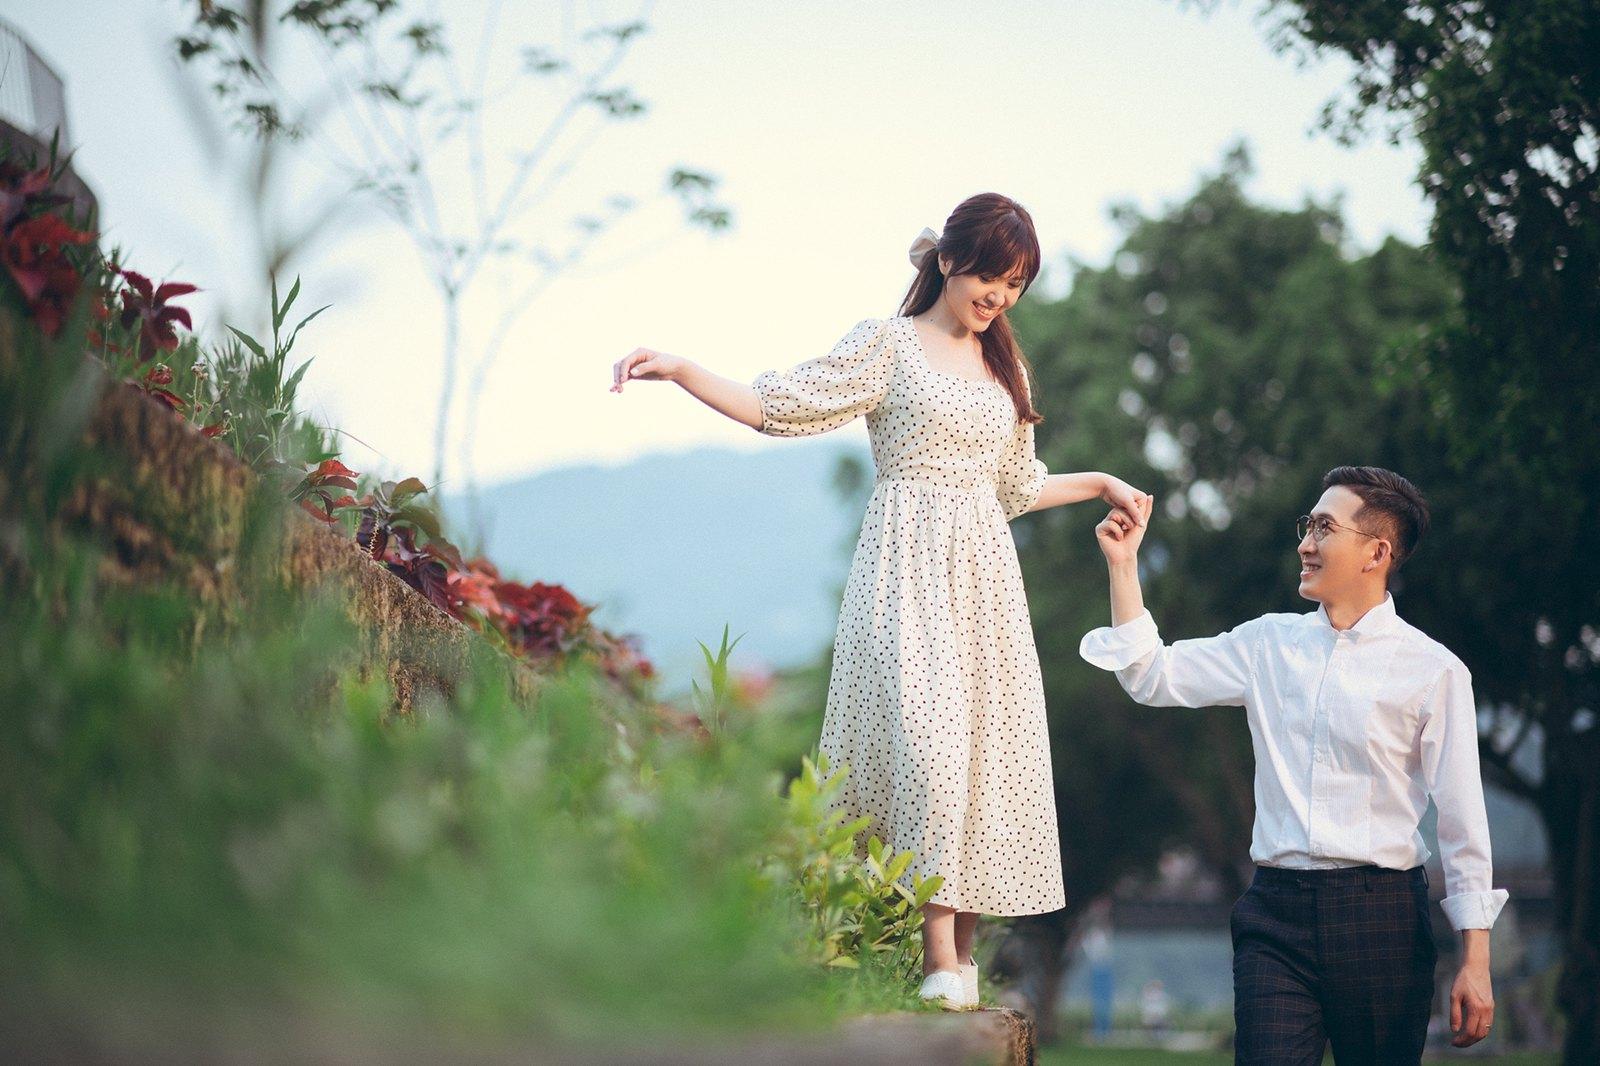 【婚紗】Theo & Angel / 紀州庵 / 化南新村 / 政大河堤 / EASTERN WEDDING studio